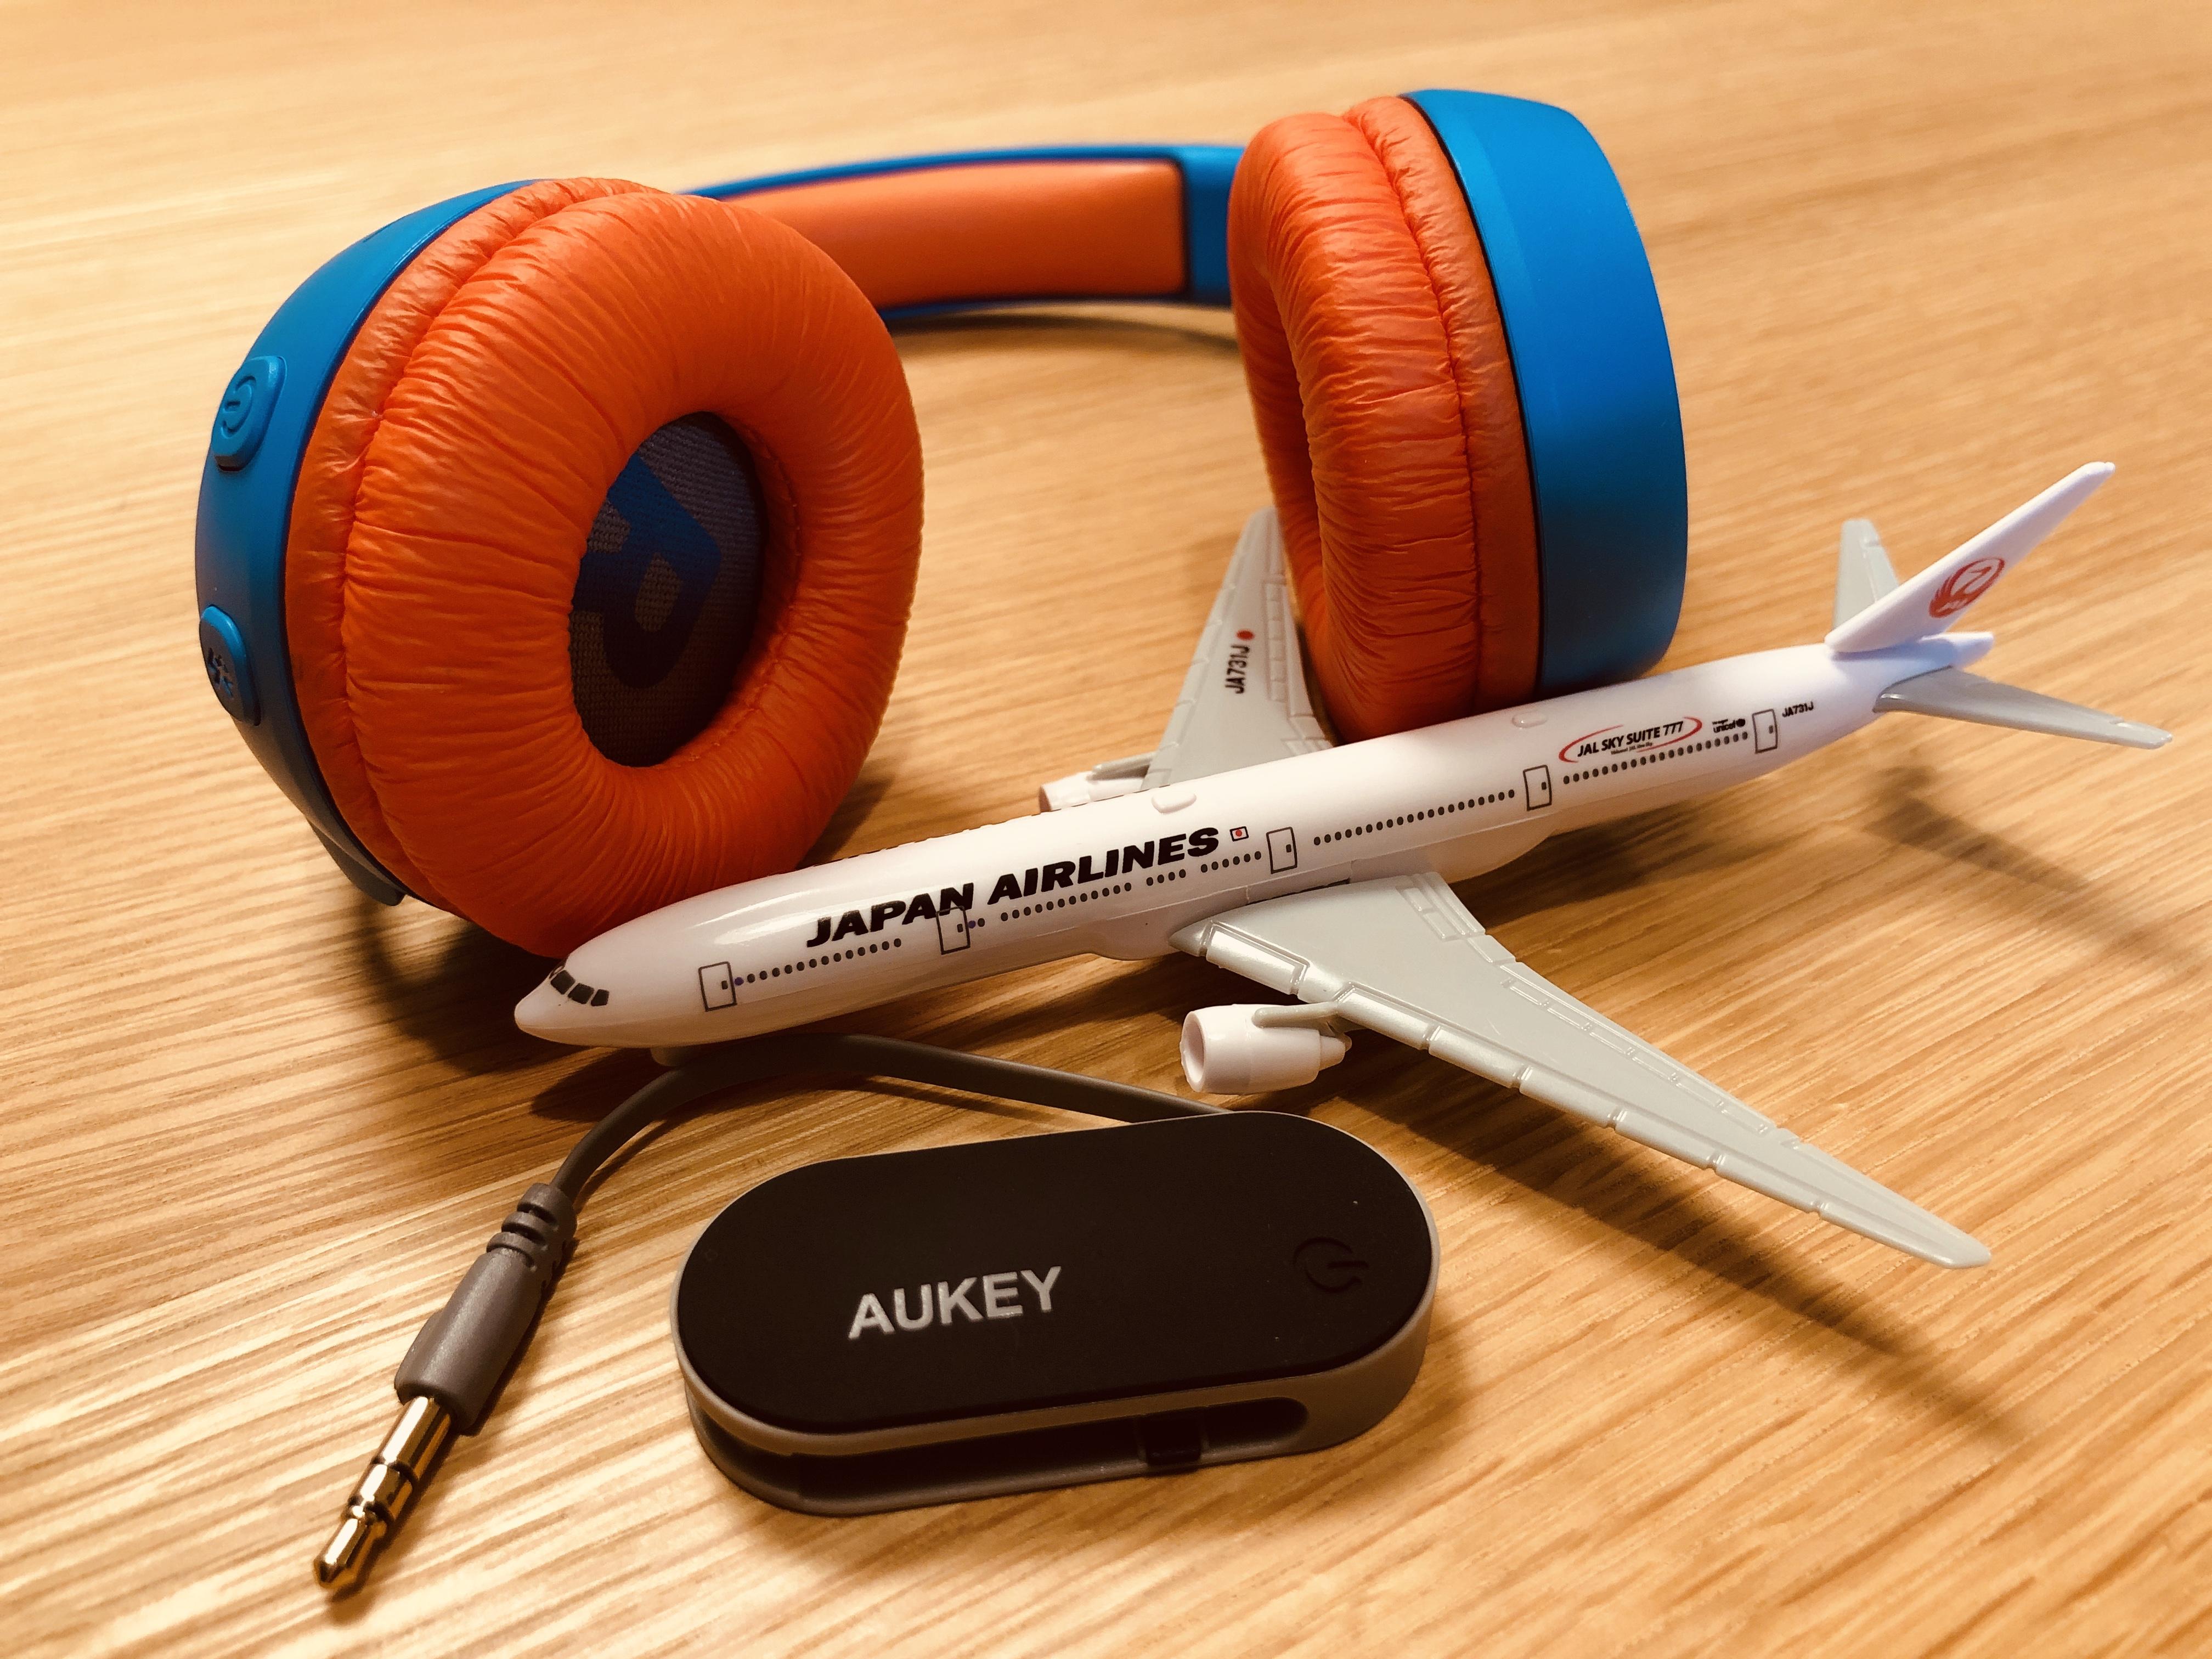 長時間の子連れ飛行機旅行に!子供用ワイヤレスヘッドホンが便利